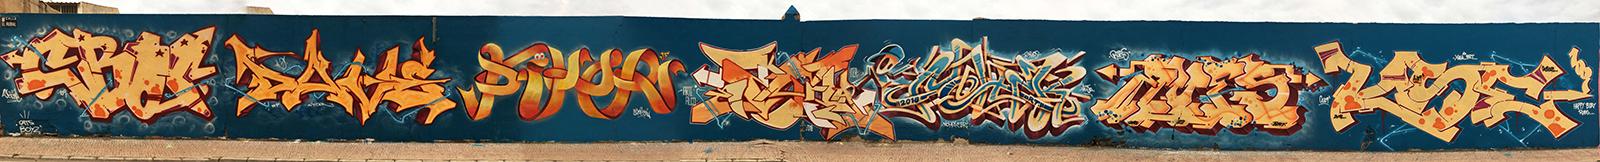 graffiti semos rap pikerone and company